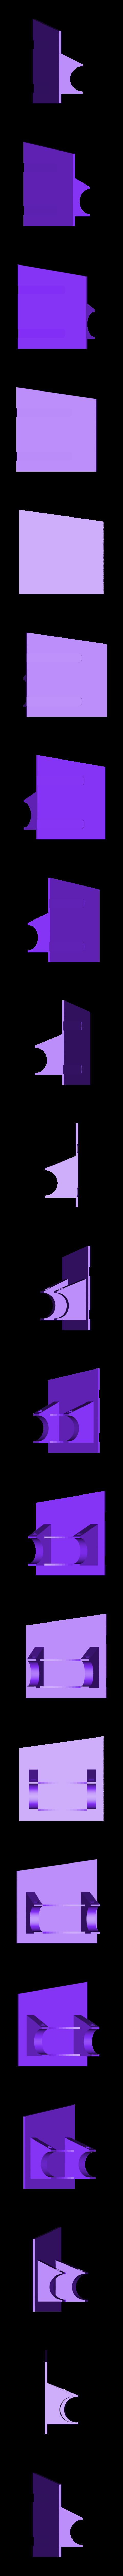 Geardoor05.STL Télécharger fichier STL gratuit Accessoires pour le Hobbyking (Piccole Ali) Macchi C.205 Veltro ARF • Modèle pour impression 3D, tahustvedt